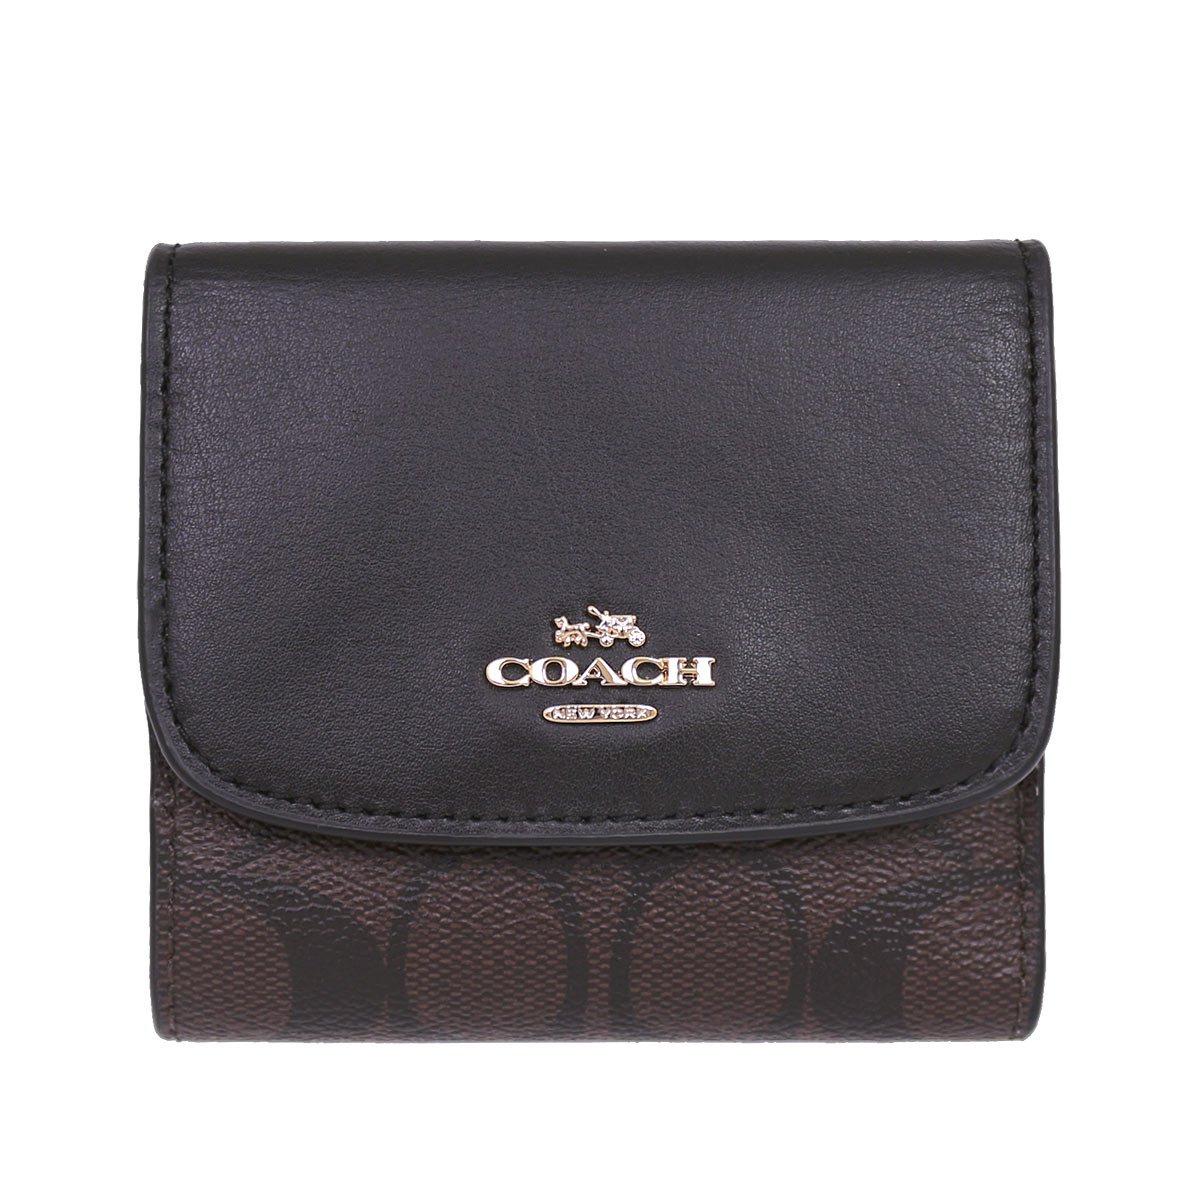 [コーチ] COACH 財布 (三つ折り財布) F87589 シグネチャー 三つ折り財布 レディース [アウトレット品] [並行輸入品] B07CQLDQ4D ブラウン/ブラック ブラウン/ブラック